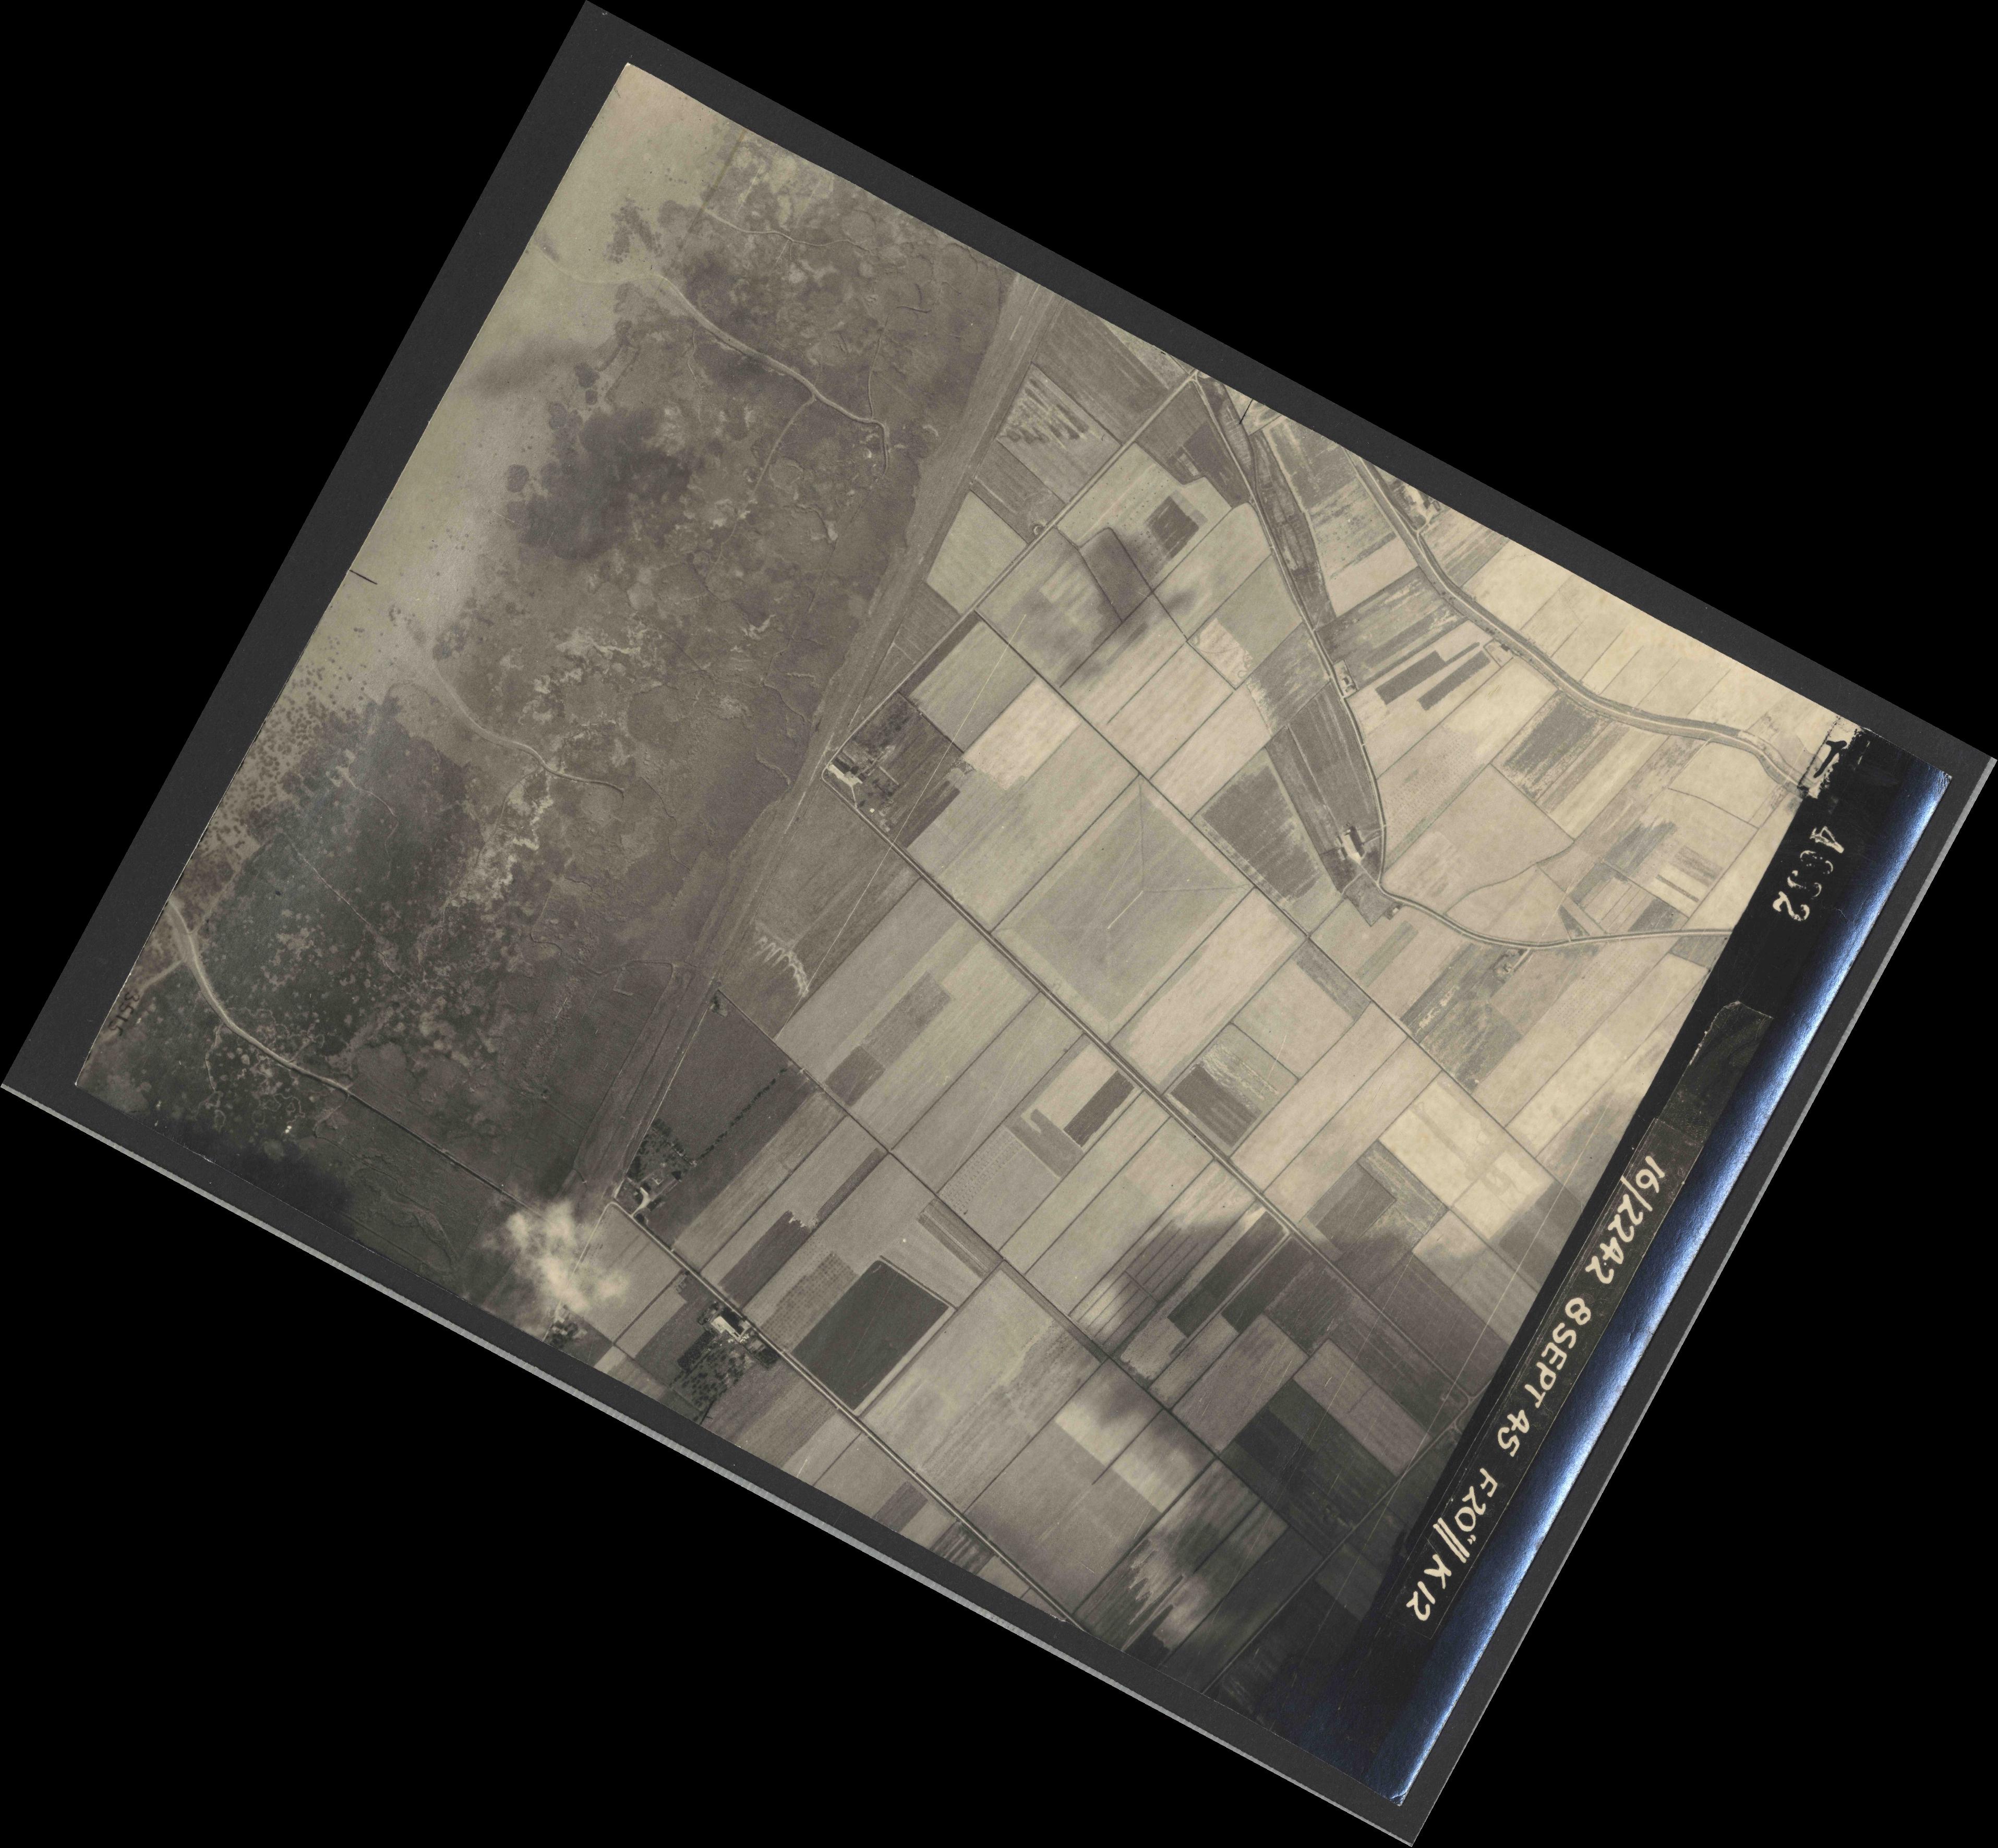 Collection RAF aerial photos 1940-1945 - flight 036, run 11, photo 4032